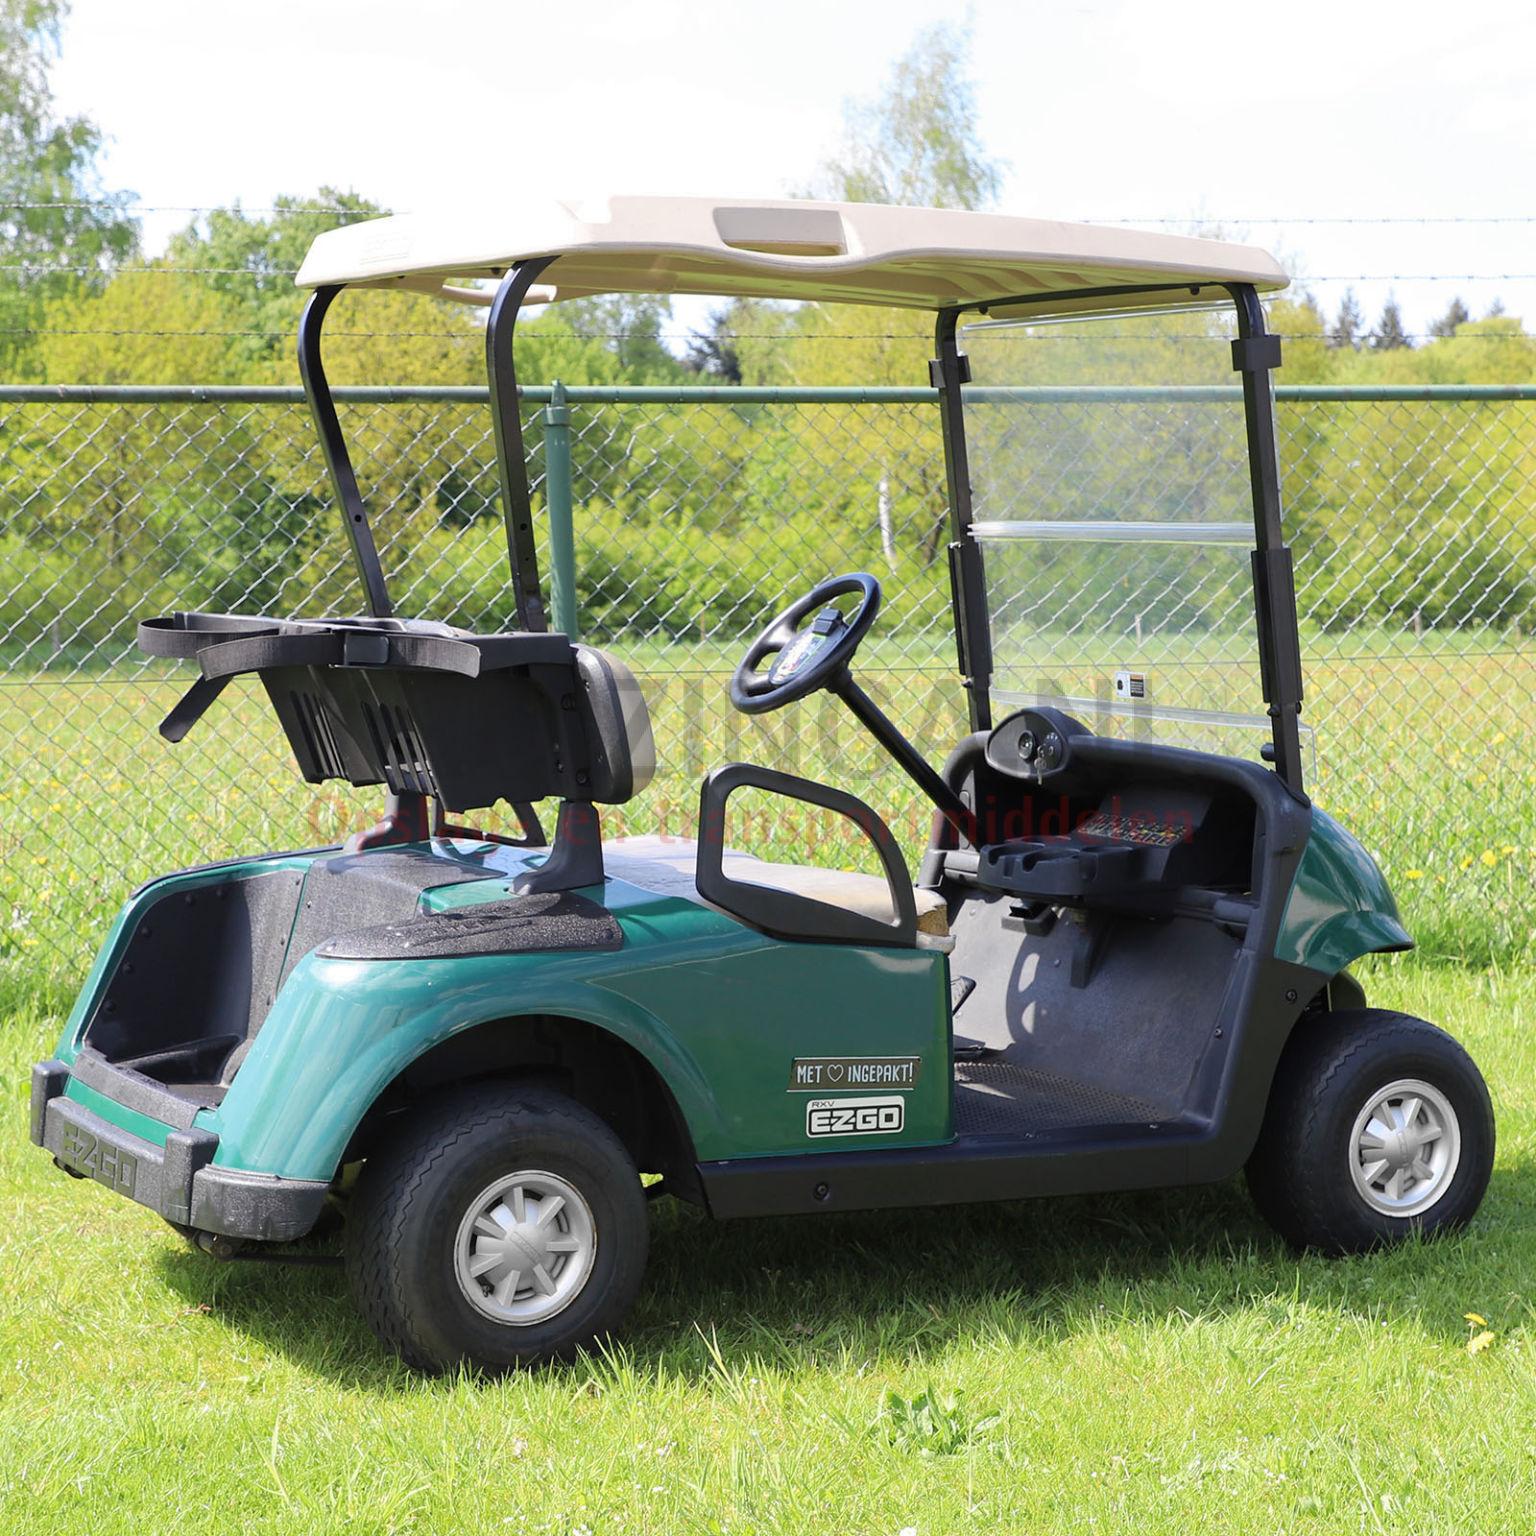 golf cart e z go pour 2 personnes lectrique occasion. Black Bedroom Furniture Sets. Home Design Ideas